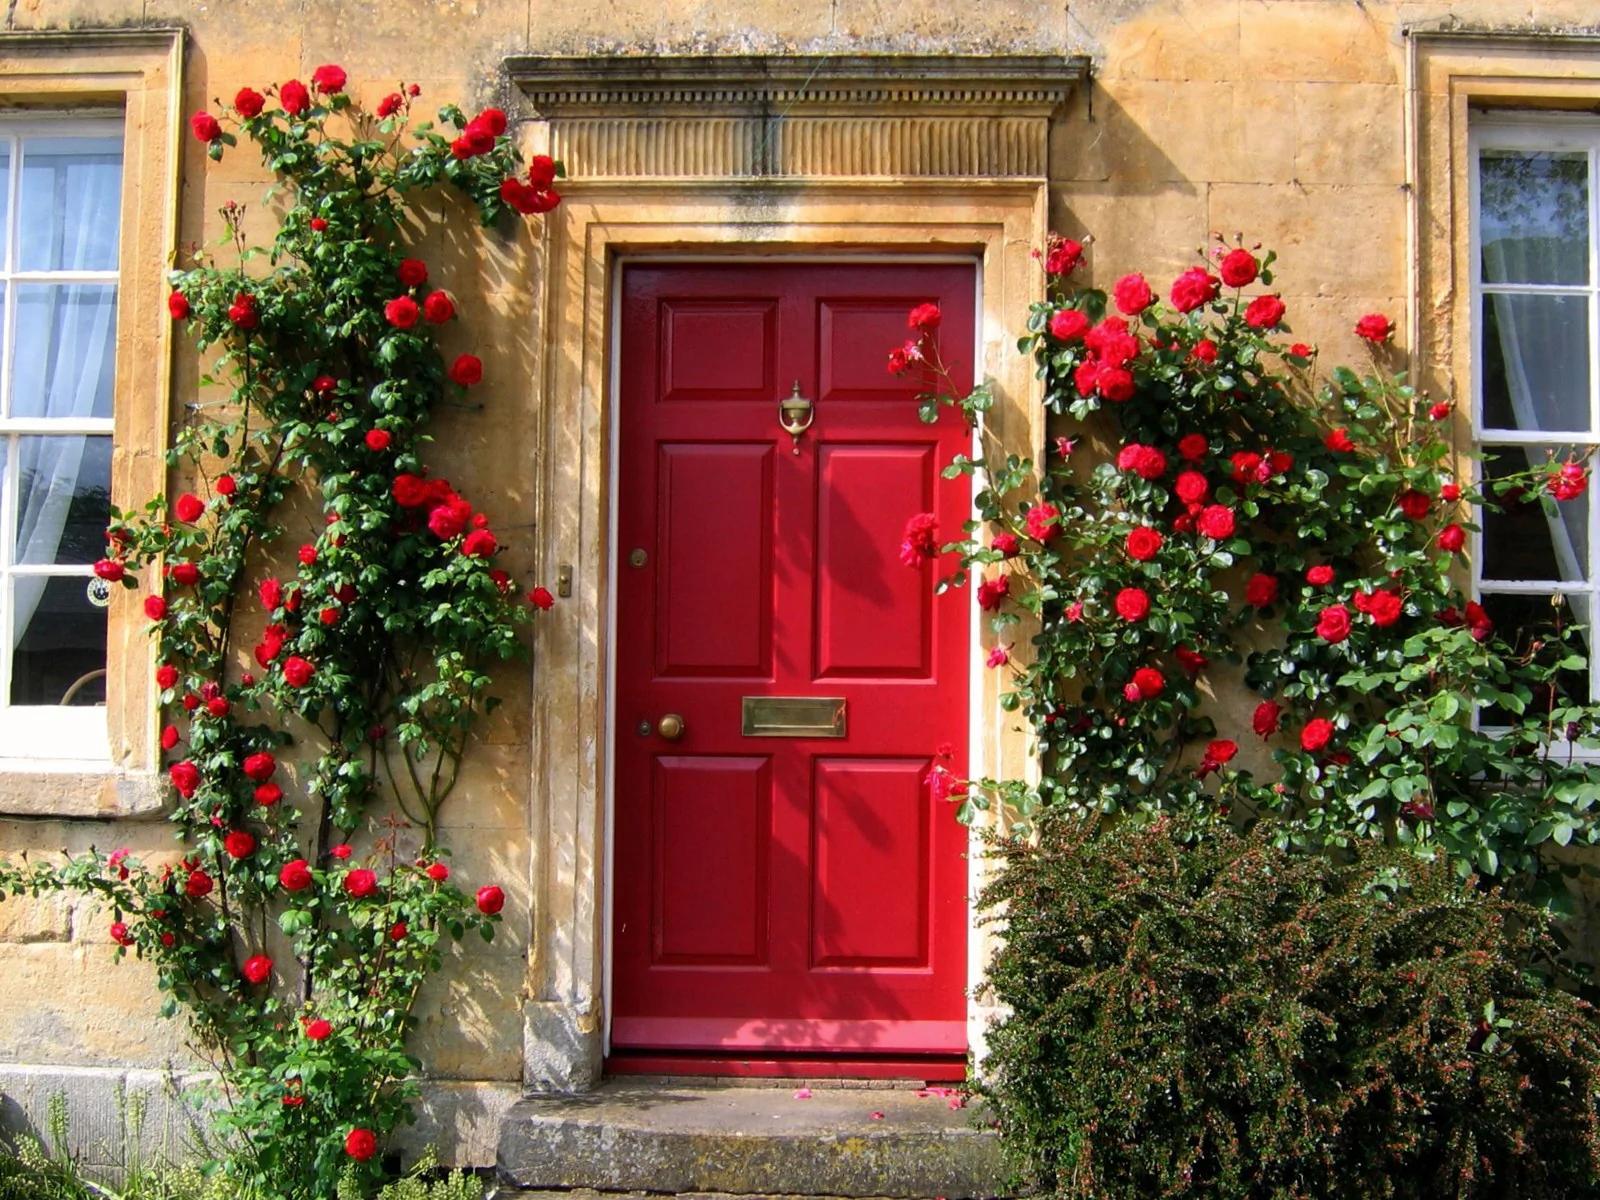 front door decor with flowers